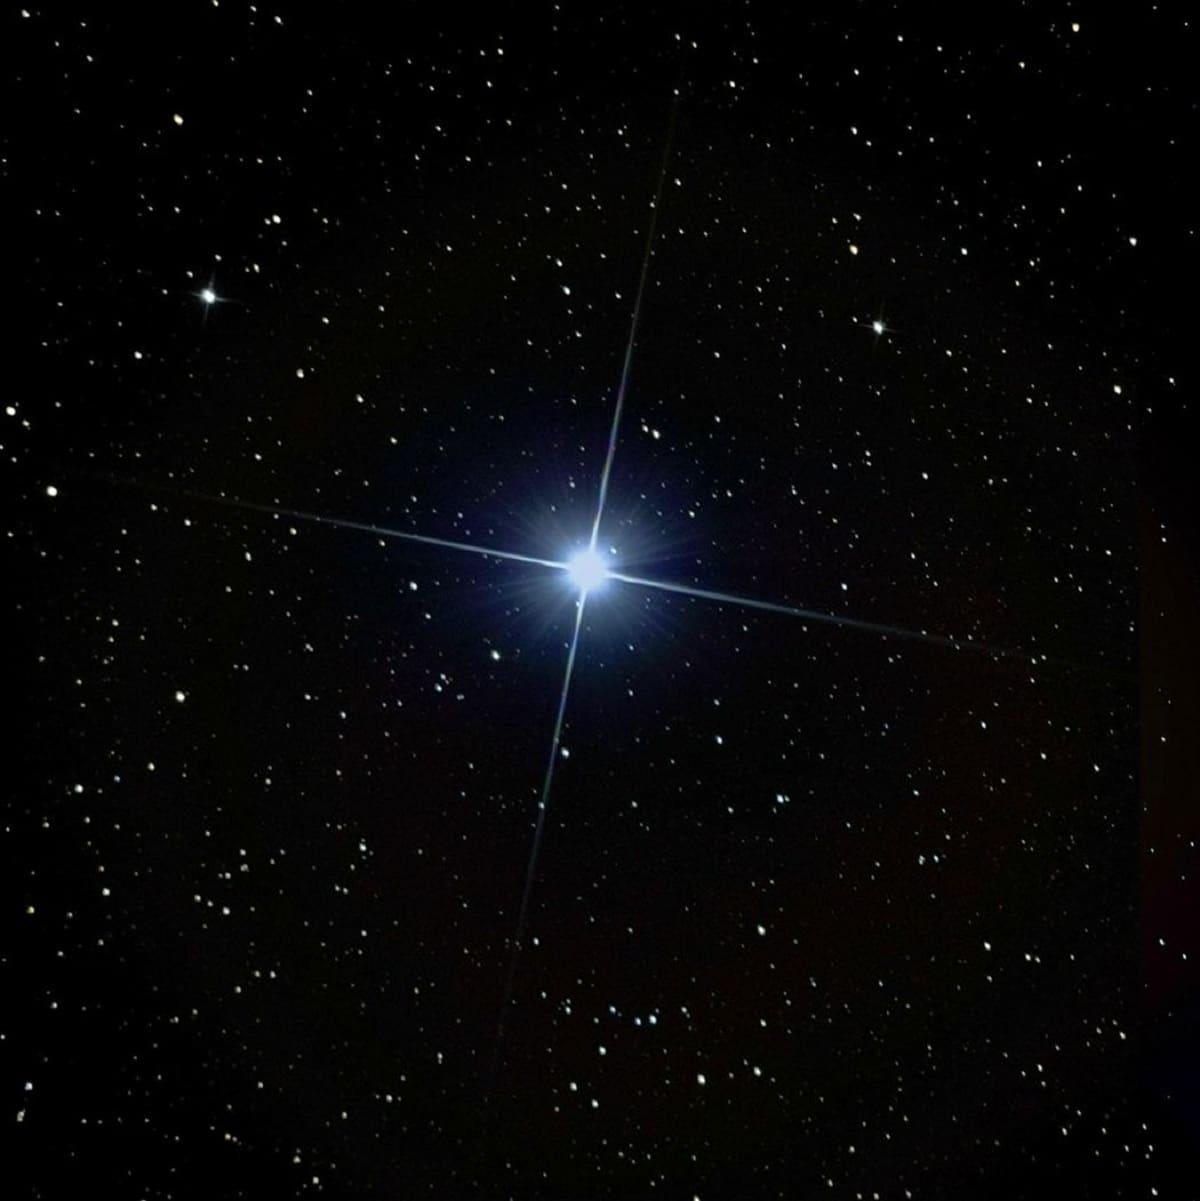 estrella brillante en el cielo nocturno